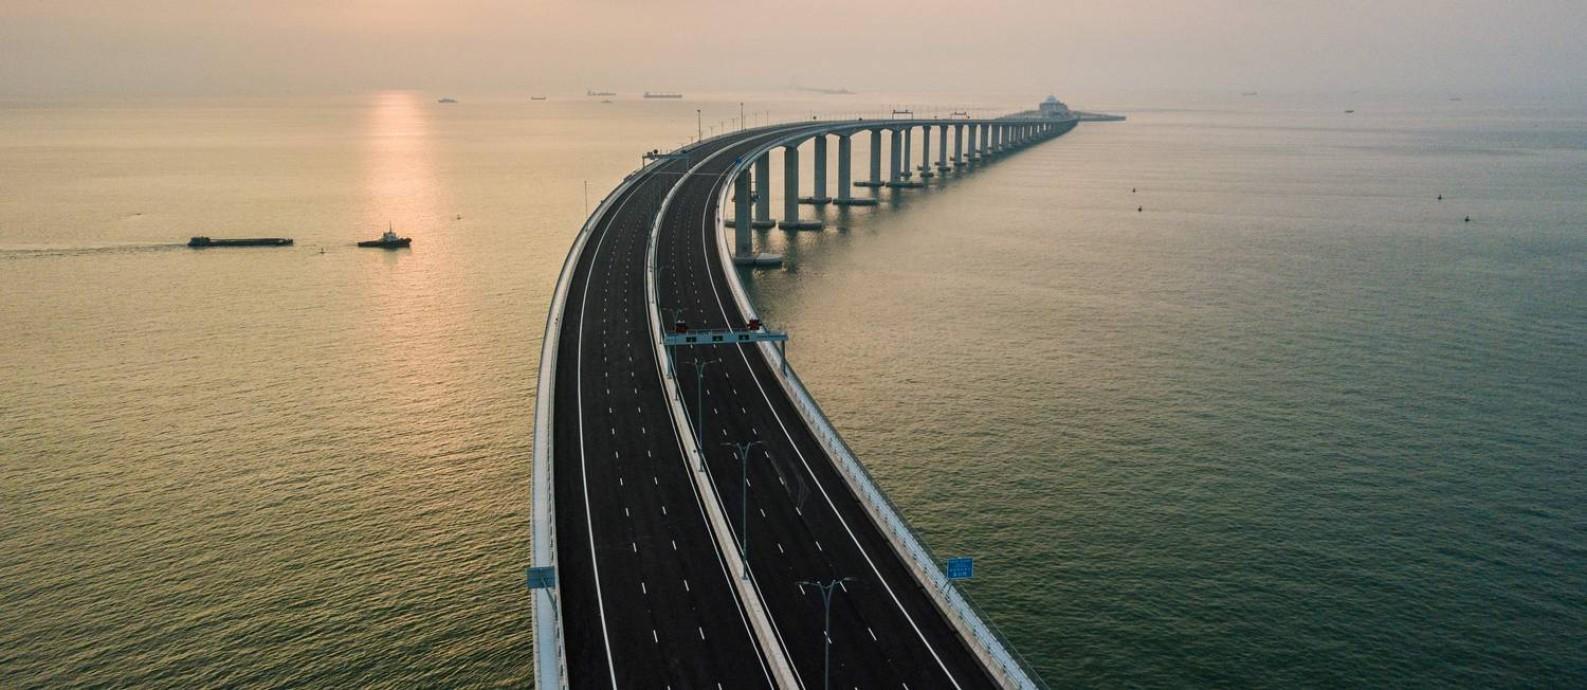 Ponte Hong Kong-Zhuhai-Macau foi inaugurada nesta semana em meio a críticas: acusações de superfaturamento e de displicência com trabalhadores mortos durante obras são argumentos levantados por críticos Foto: ANTHONY WALLACE / AFP